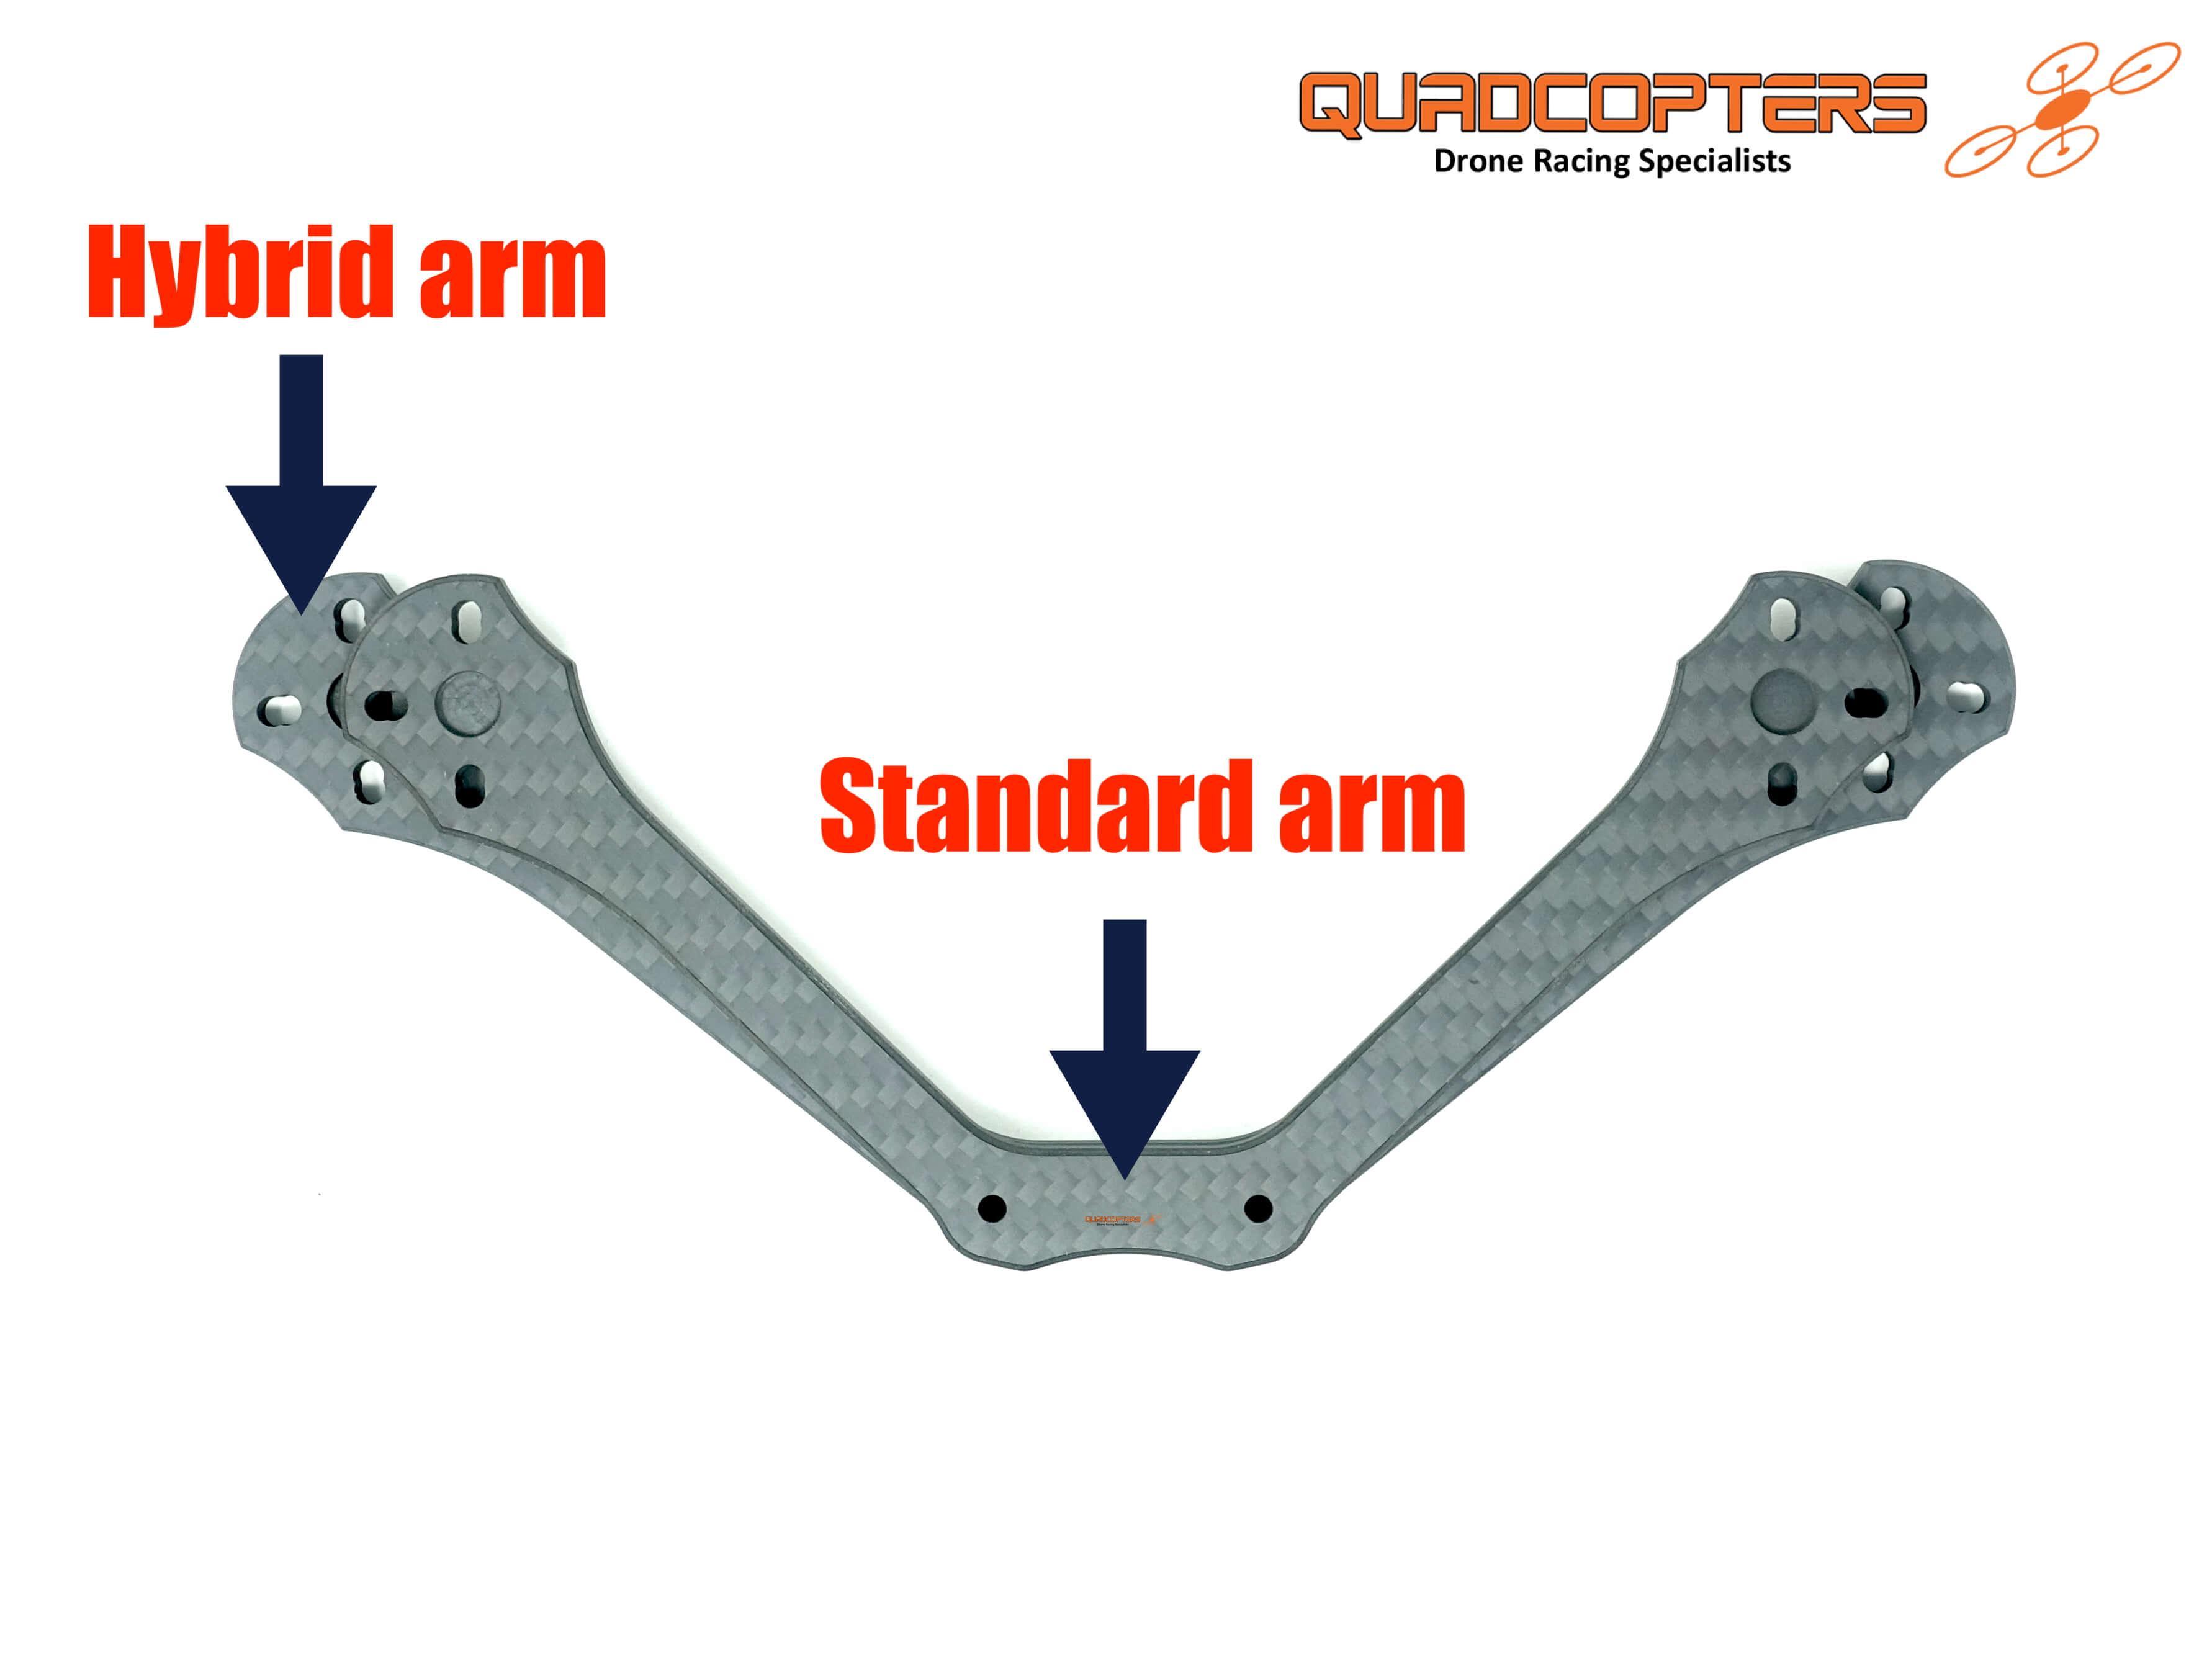 Charrycraft stamina hybrid arm comparison